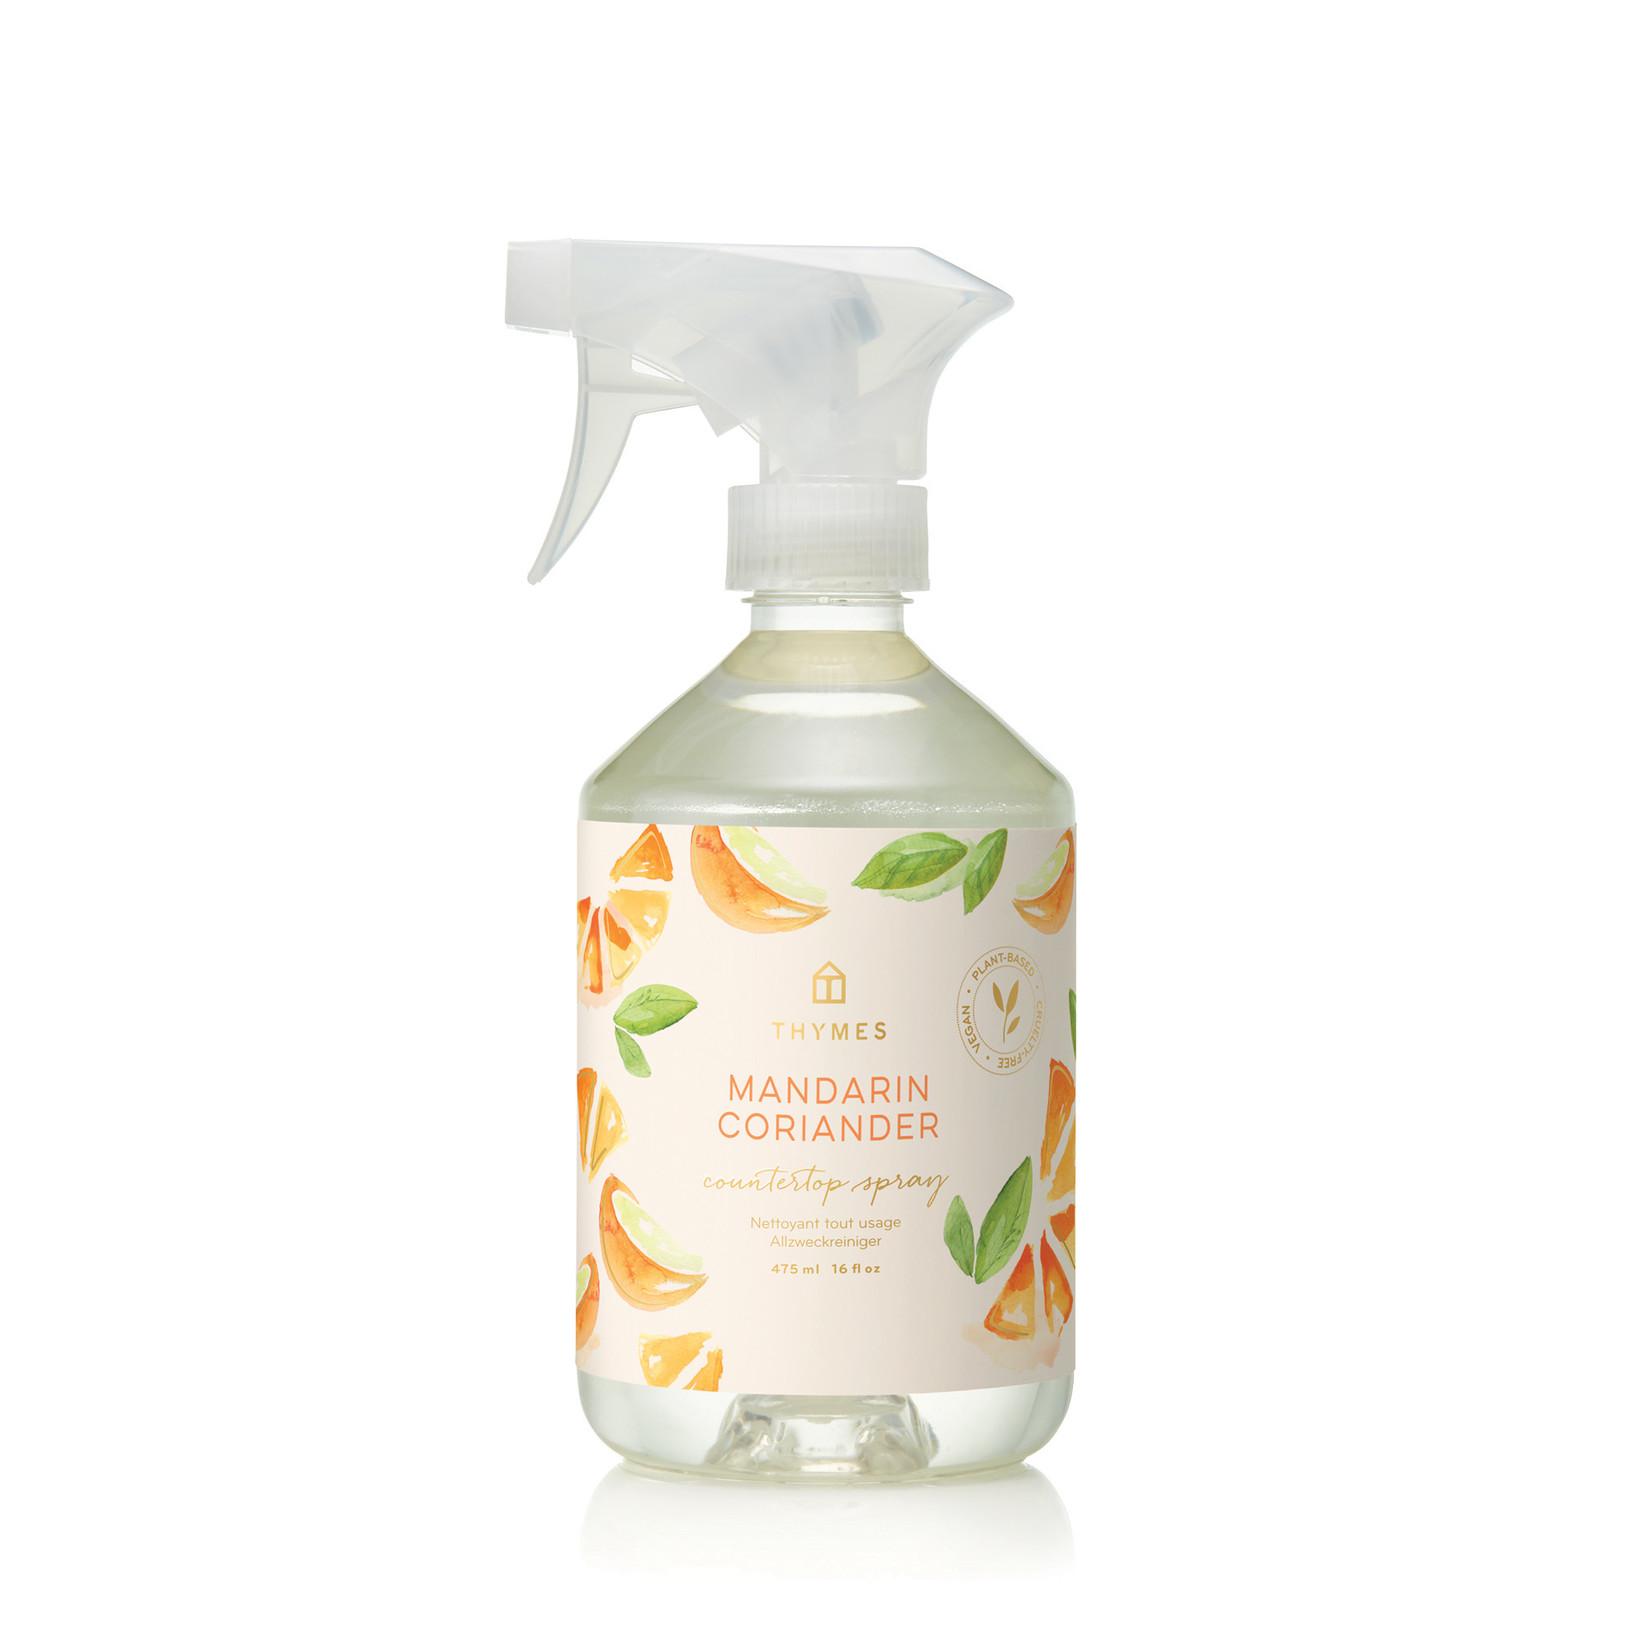 Thymes Mandarin Coriander Countertop Spray